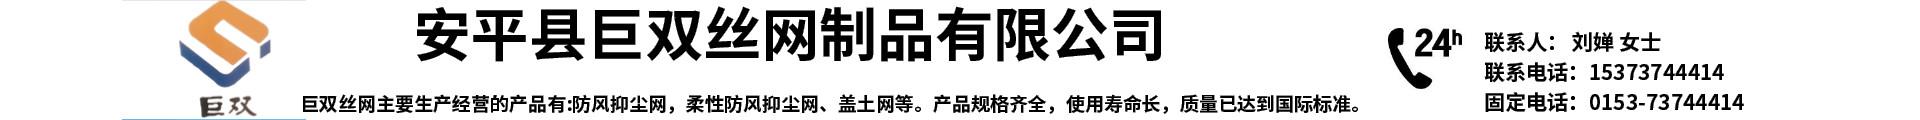 安平县巨双丝网制品有限公司